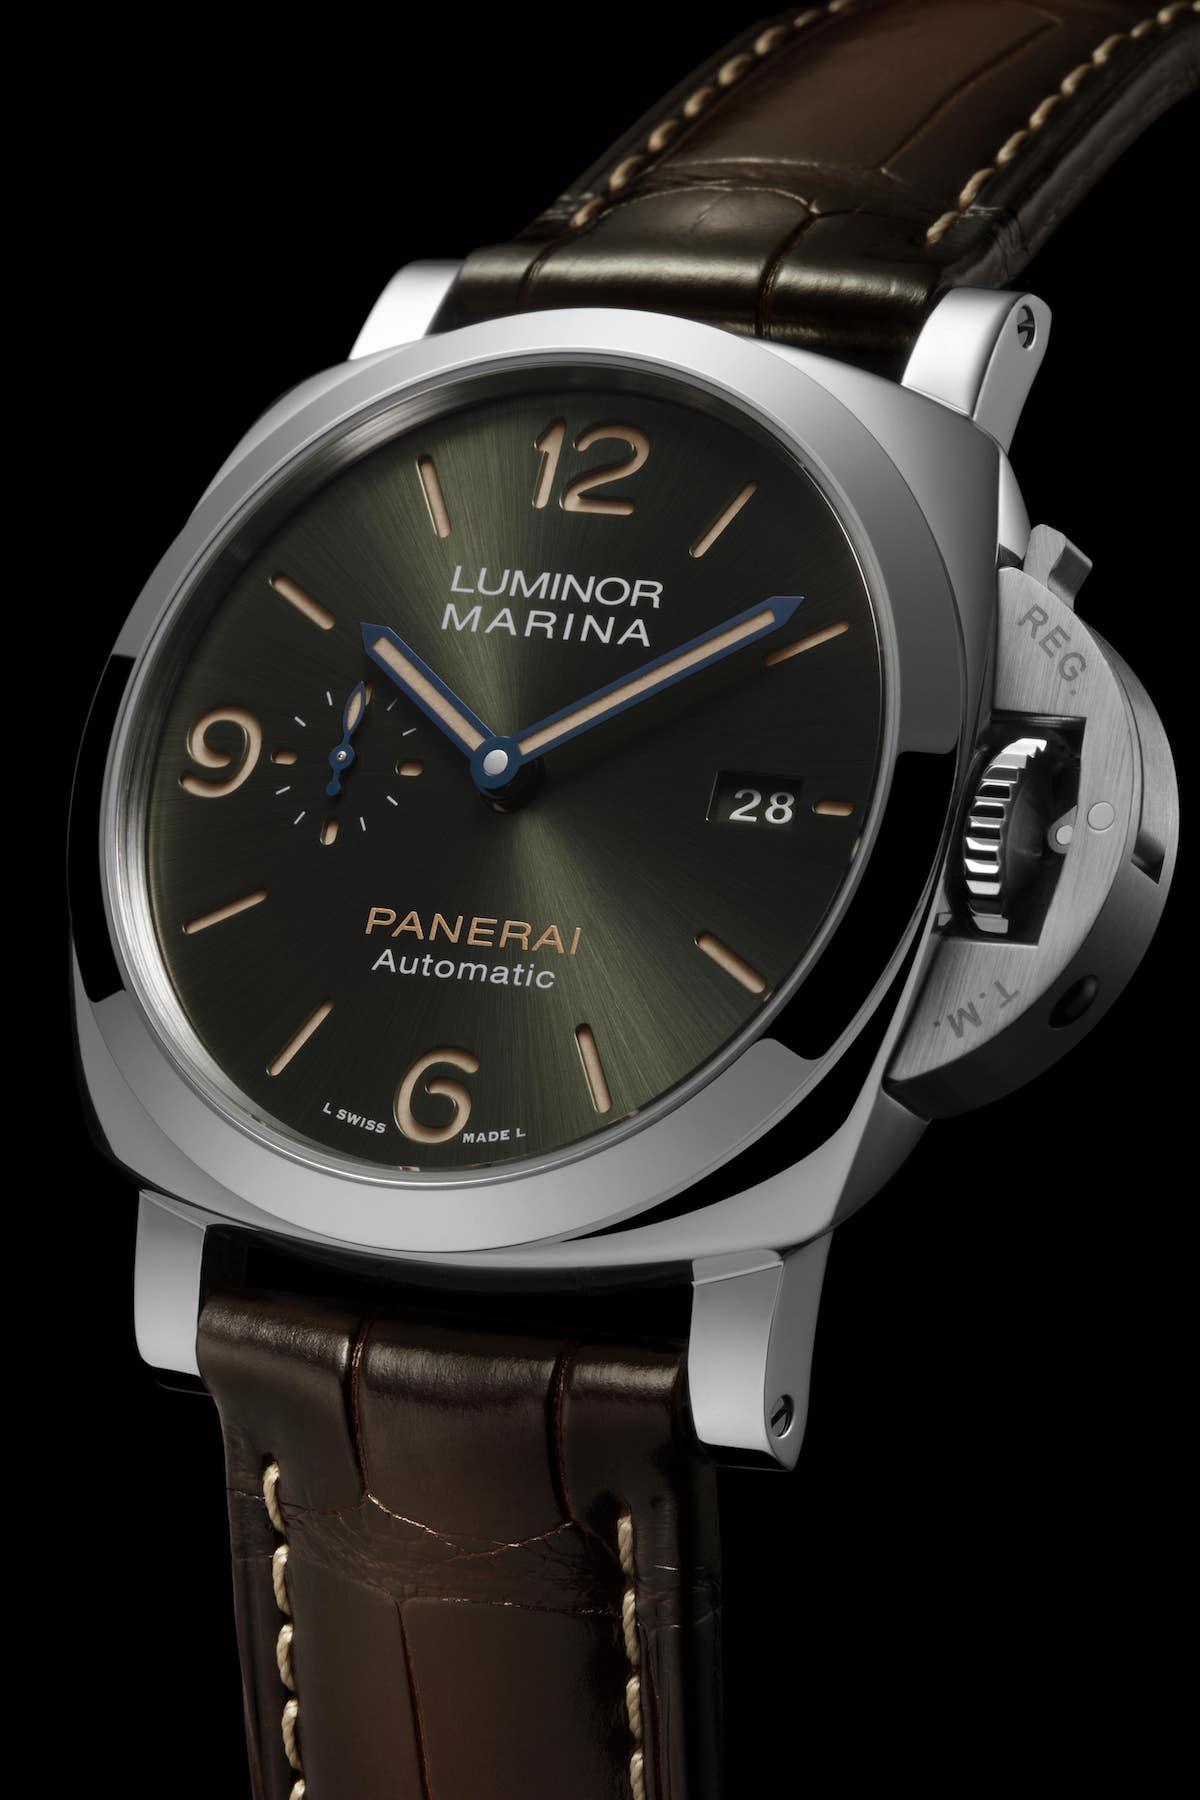 Platinumtech Luminor Marina PAM01116 03 min